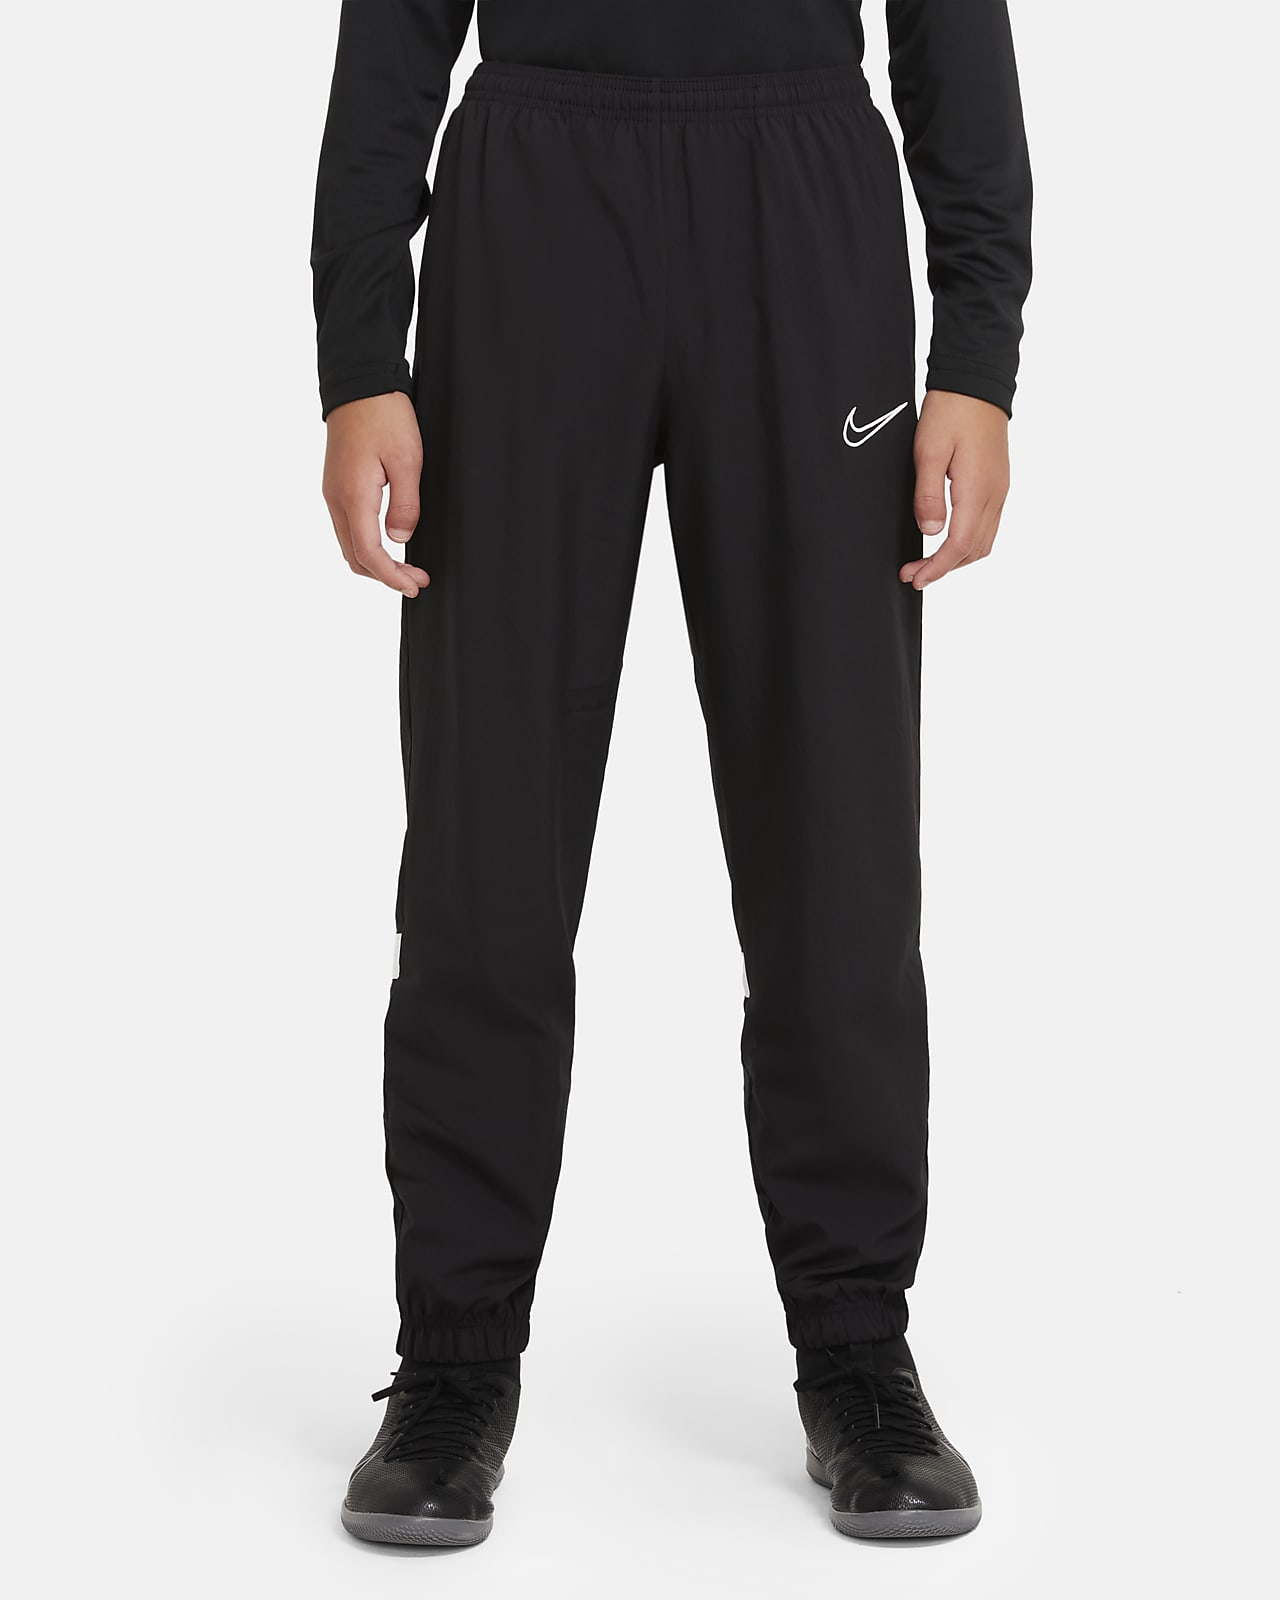 Nike Dri-FIT Academy Pantalons de xandall de teixit Woven de futbol - Nen/a